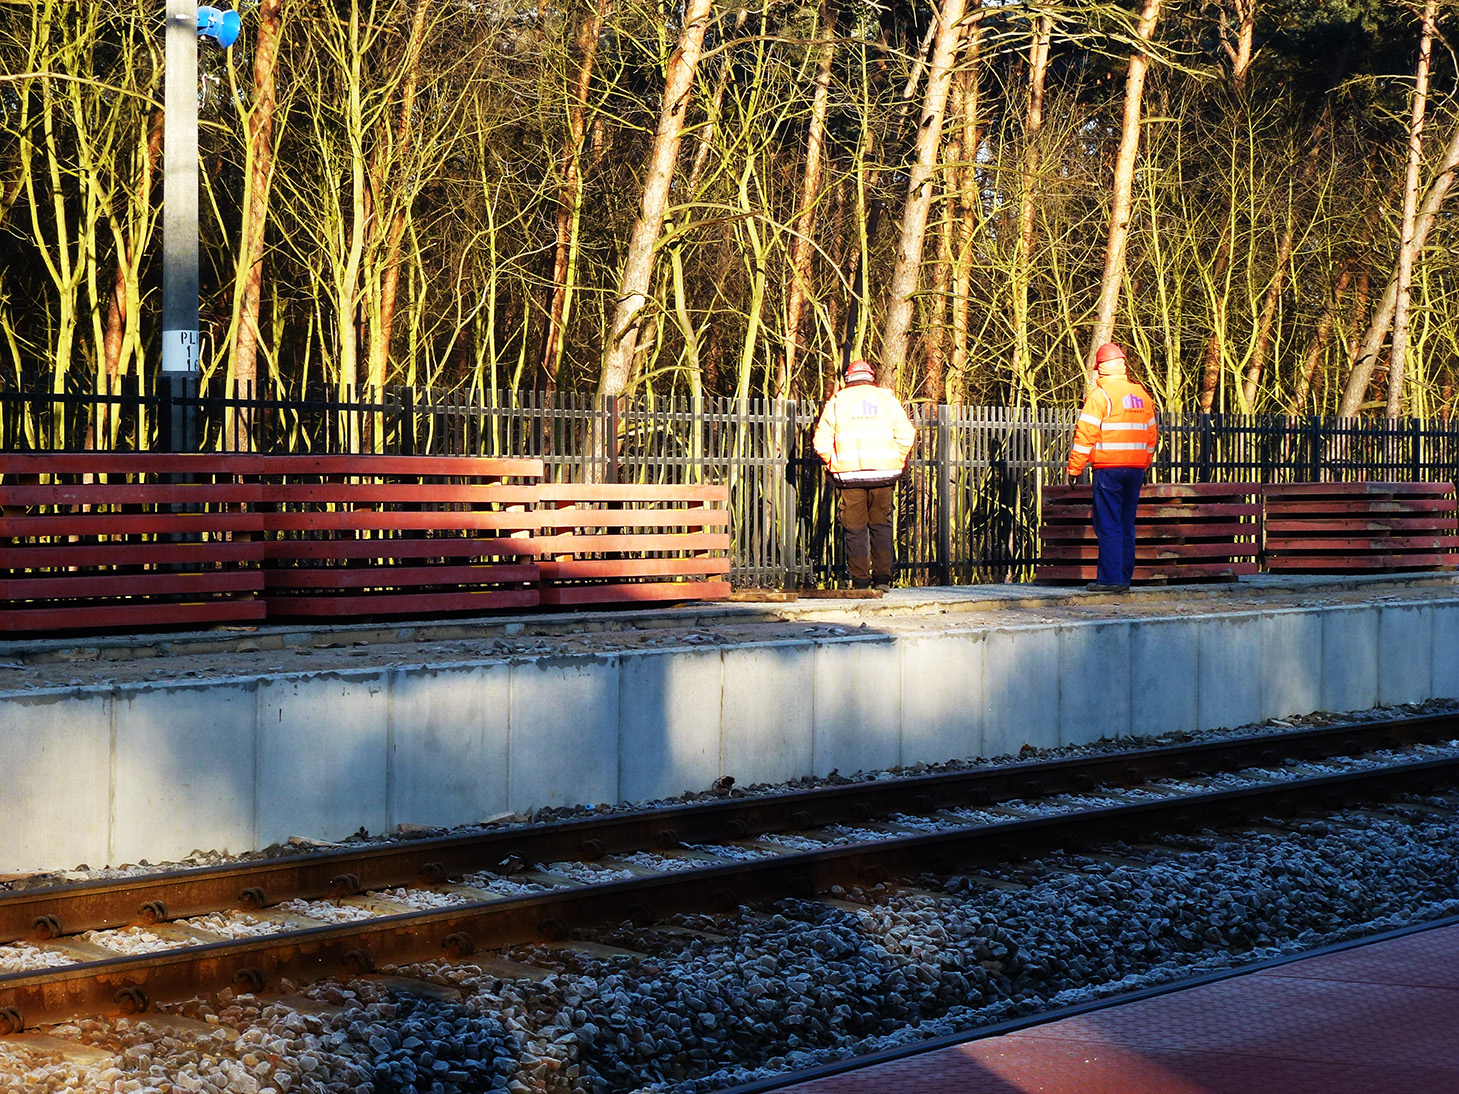 wymiana płyt na peronie dworca w Puszczykowie 13 12 2016